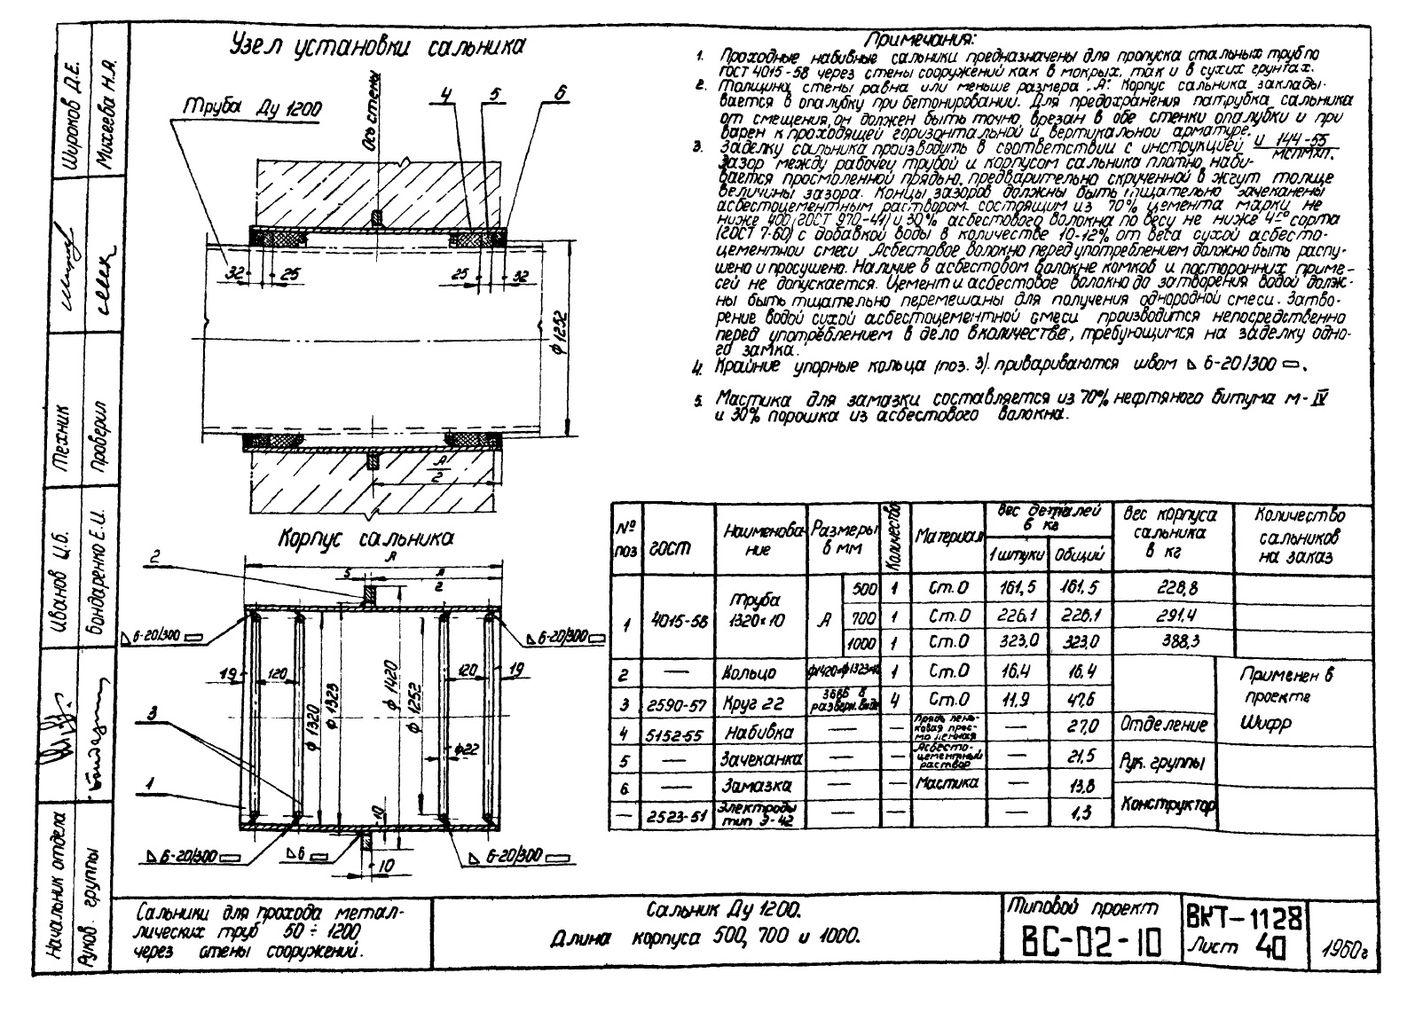 Сальники набивные L = 500 мм типовой проект ВС-02-10 стр.19